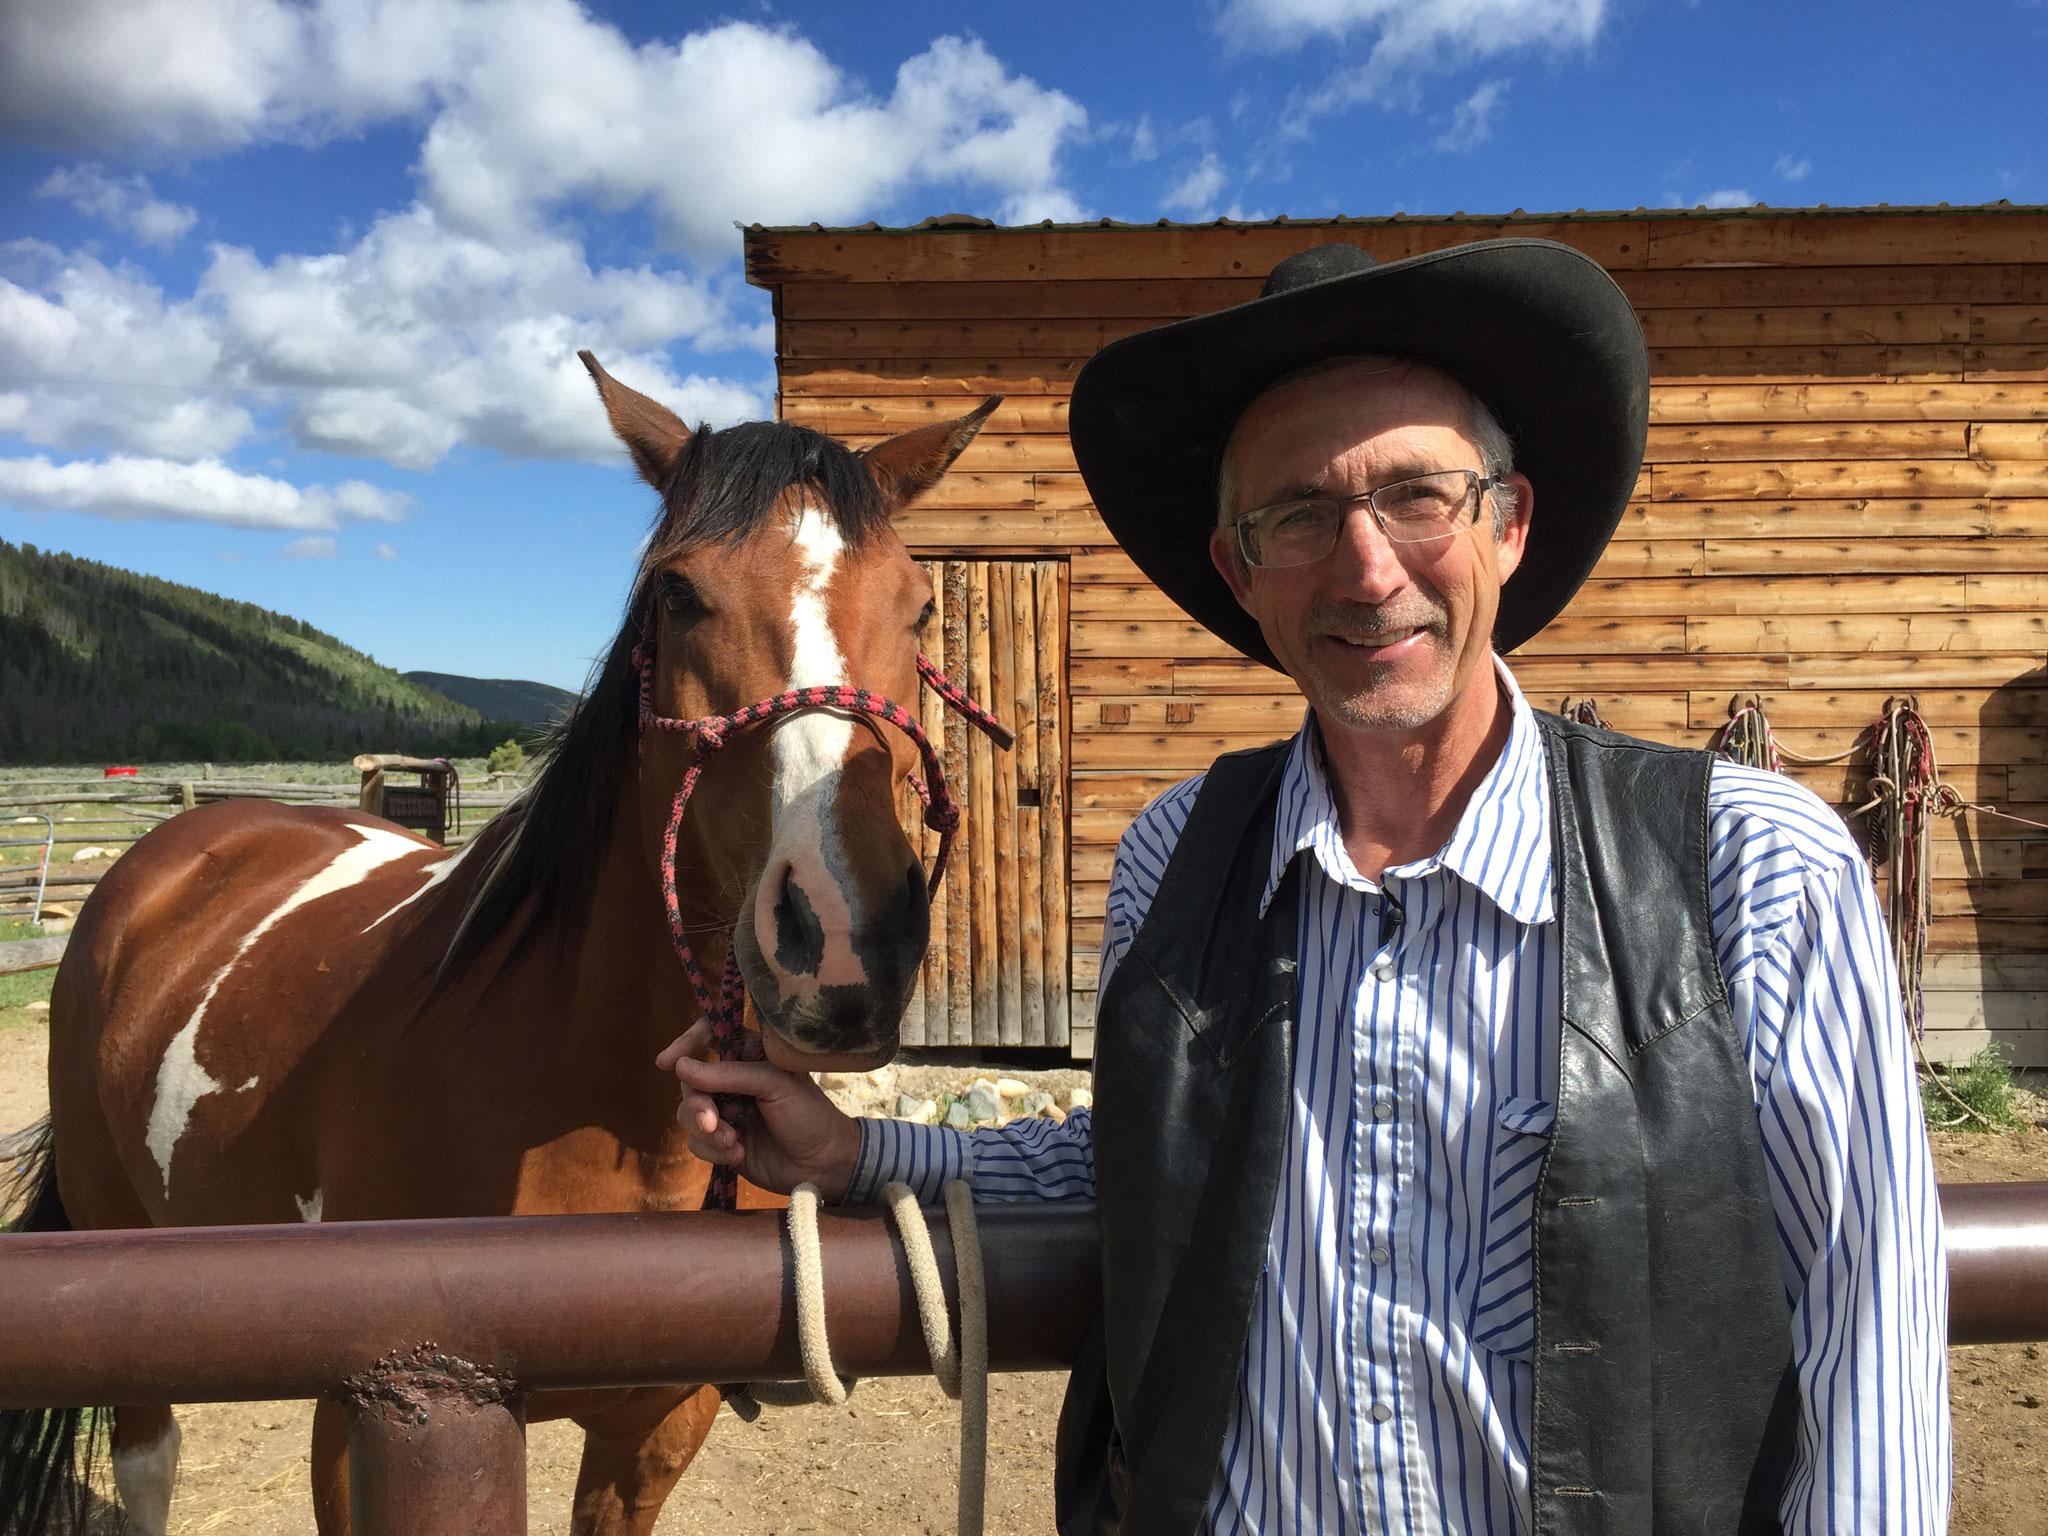 Mitglied der Schnauze voll-Partei: Tim Bishop aus Wyoming